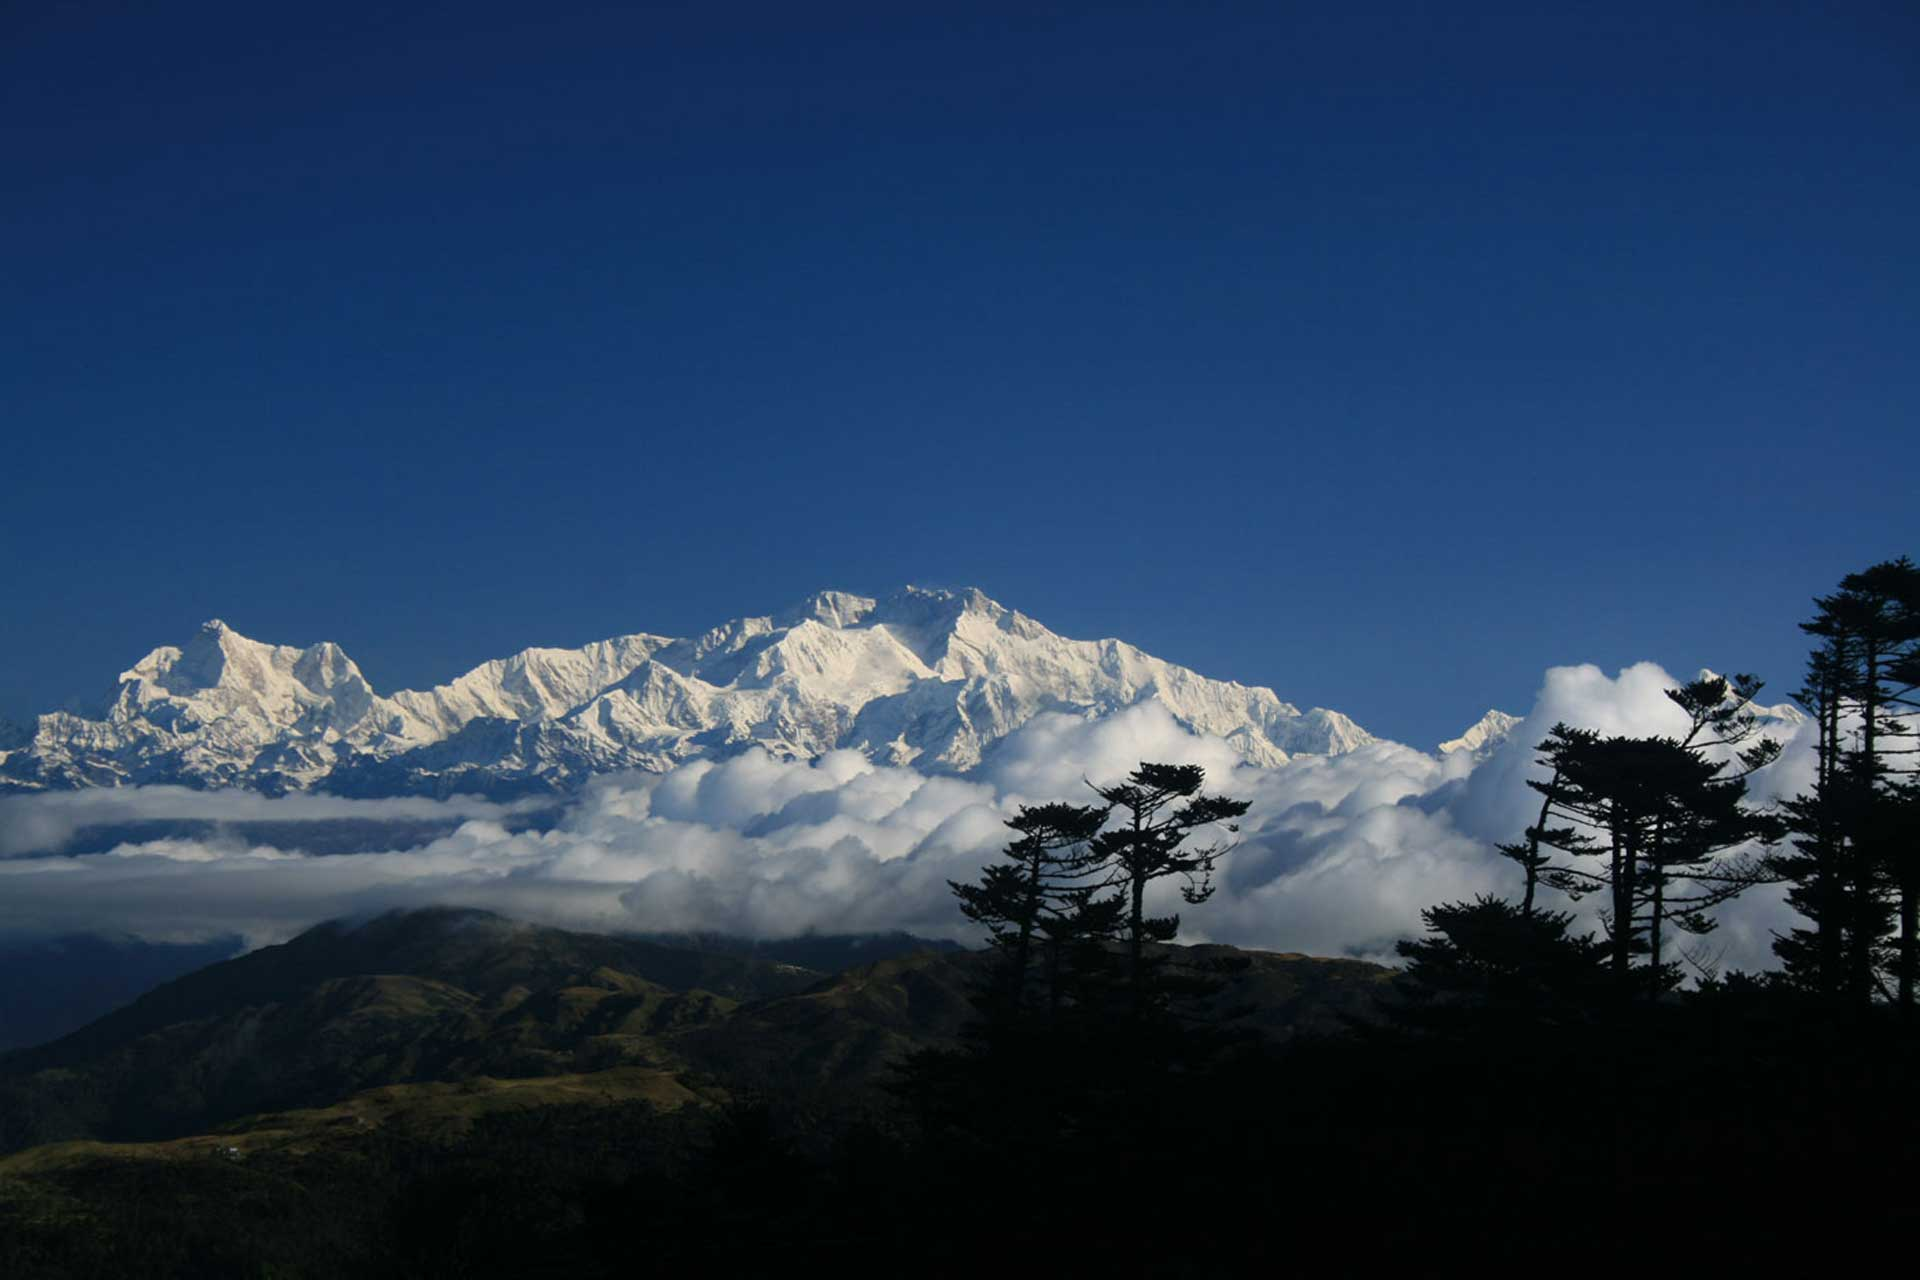 Der mächtigste Berg Sikkims und der 3.-höchste der Welt: Khanchendzonga